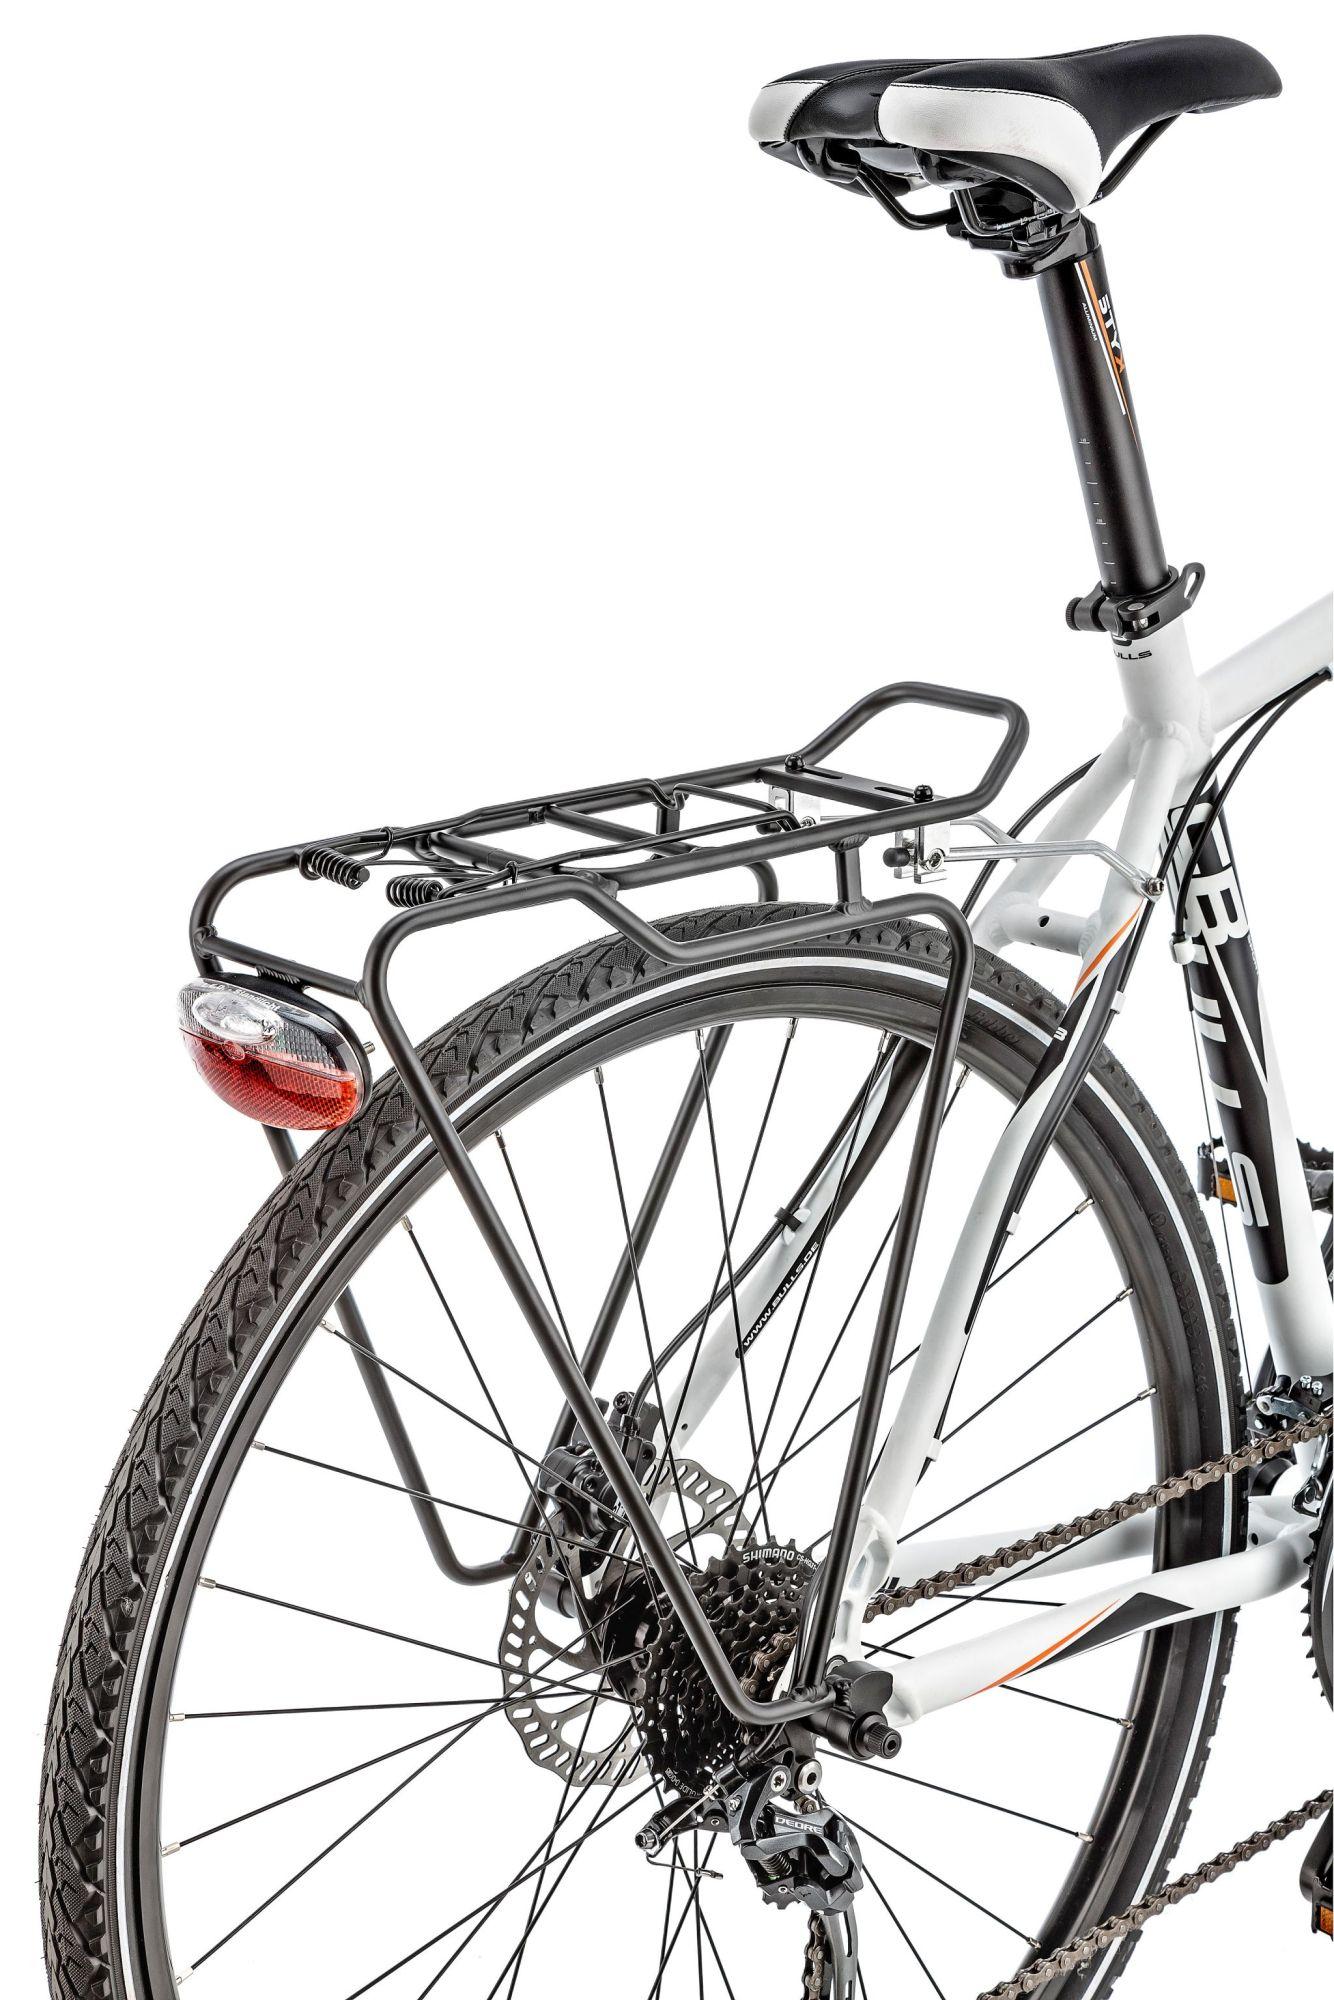 Fahrradteile/Gepäckträger: Comus  Hinterradgepäckträger 29